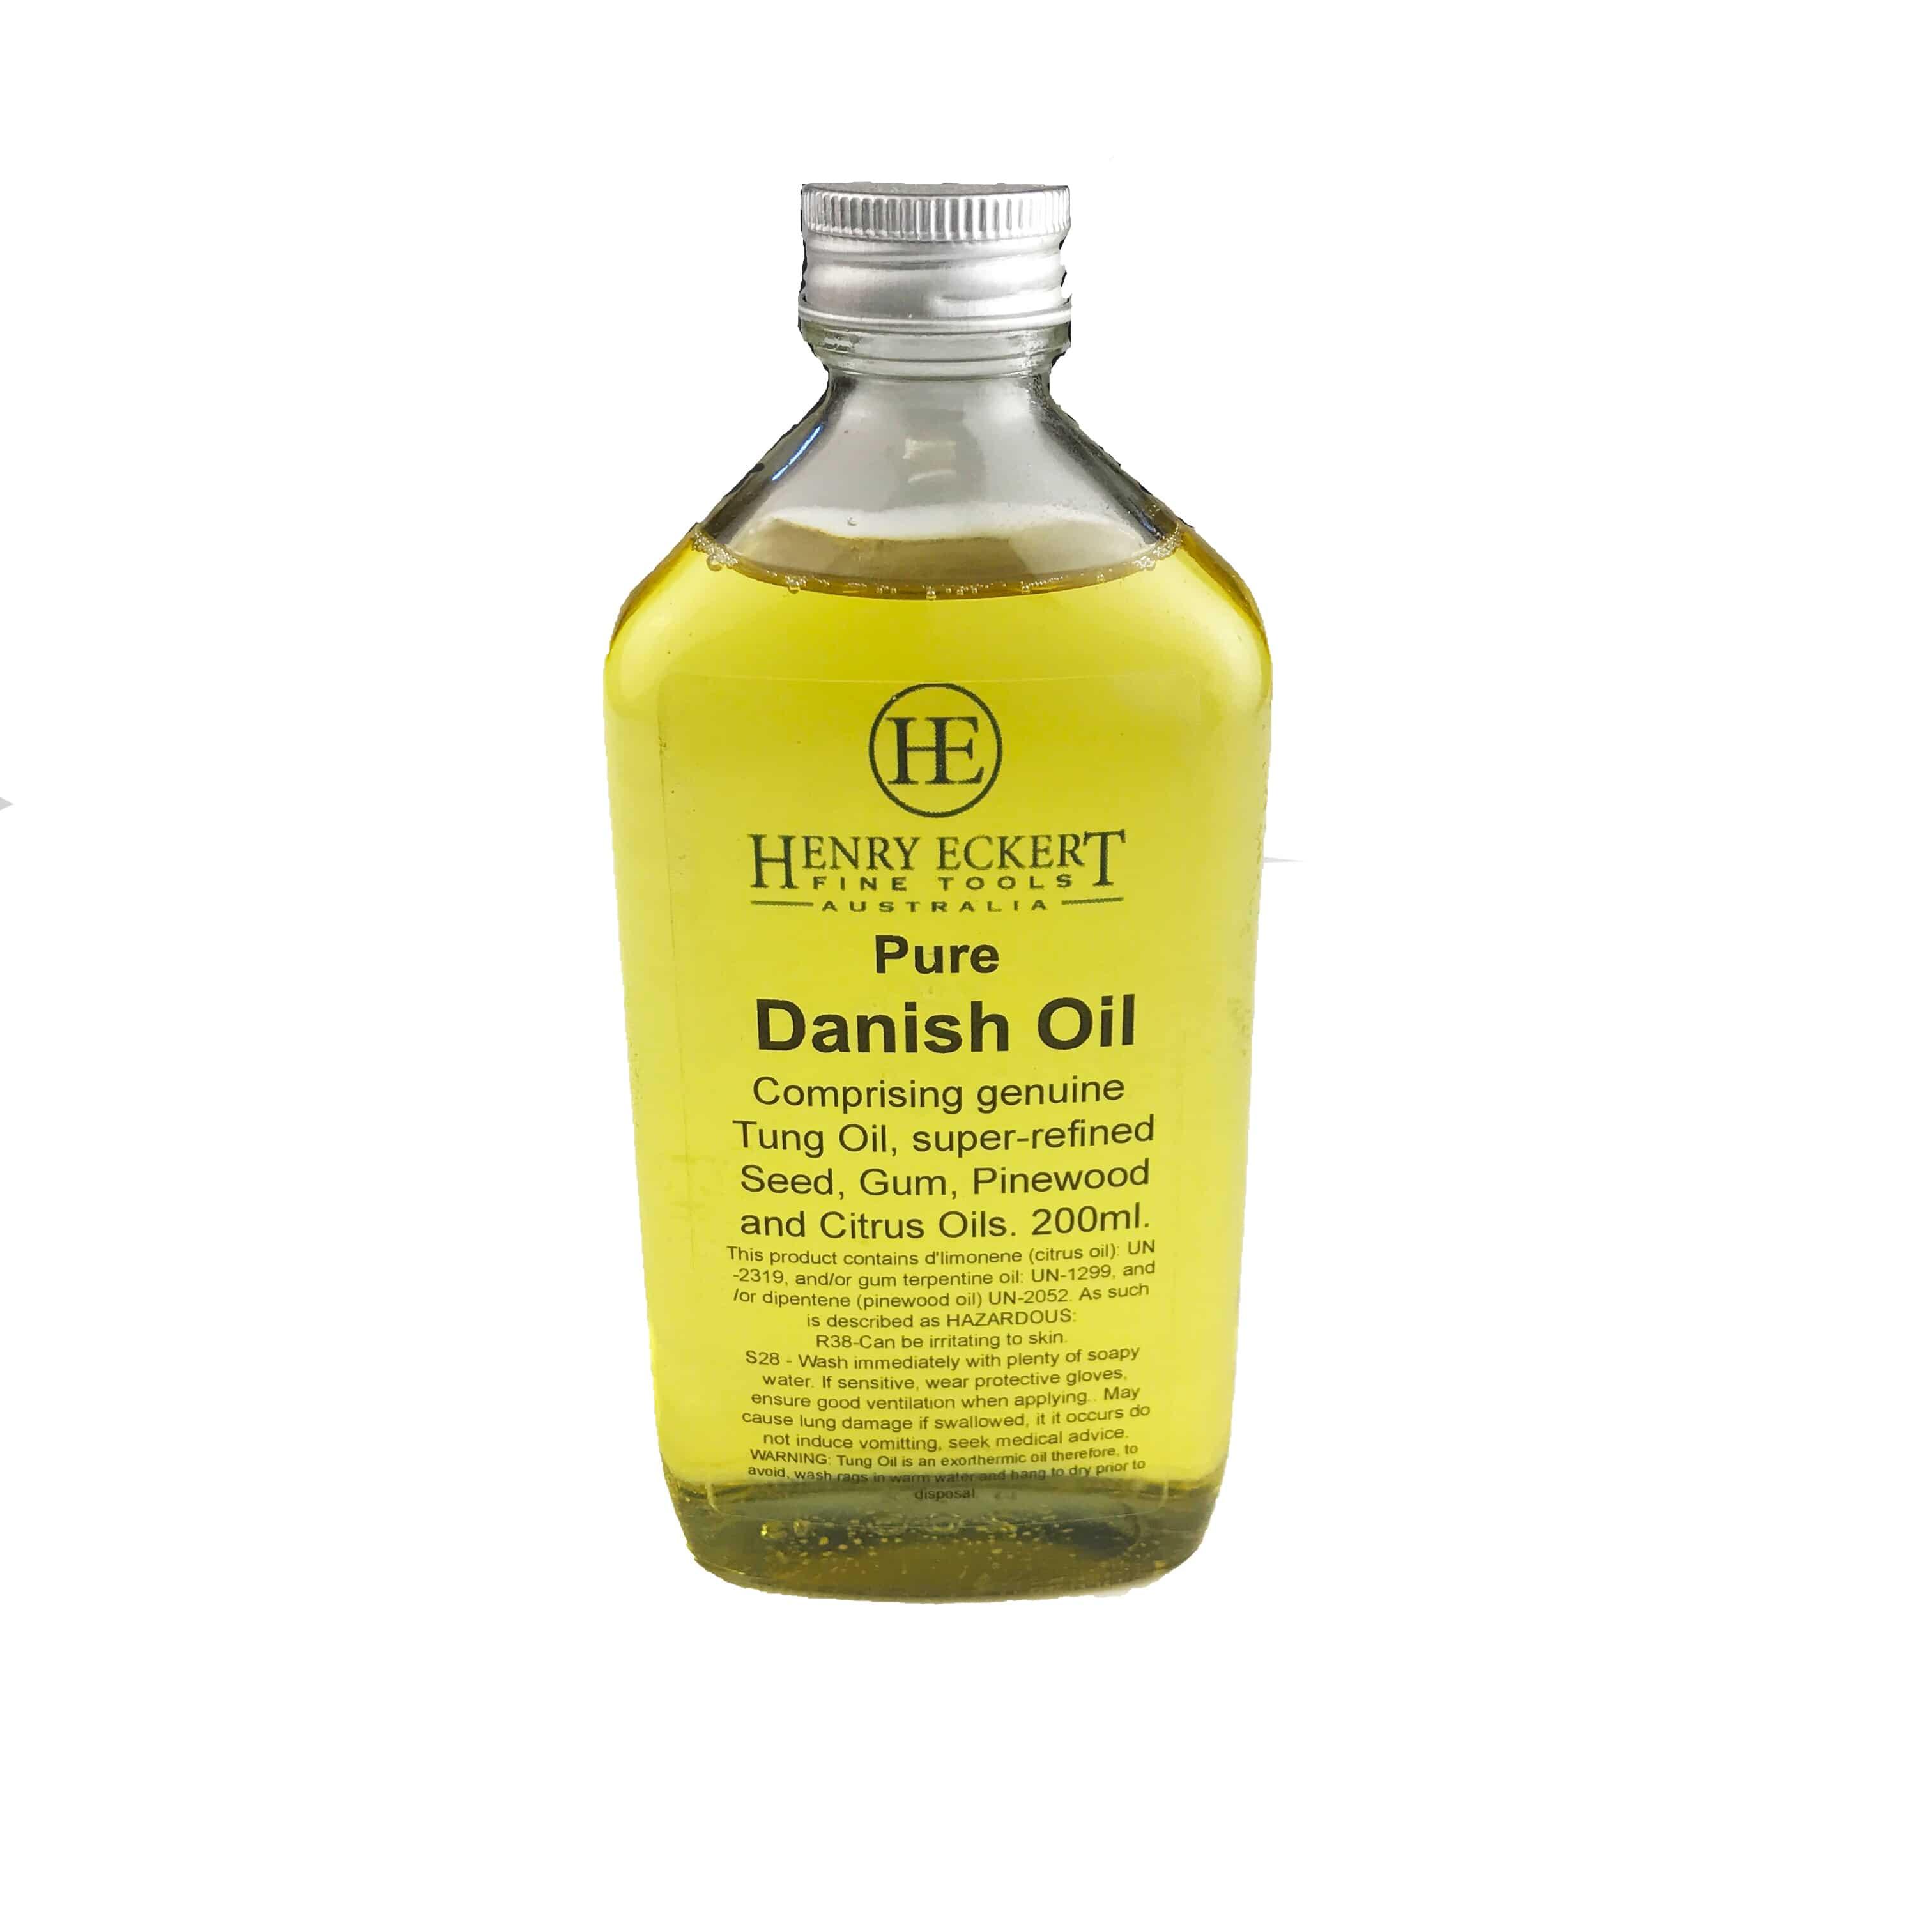 Henry Eckert Danish Oil